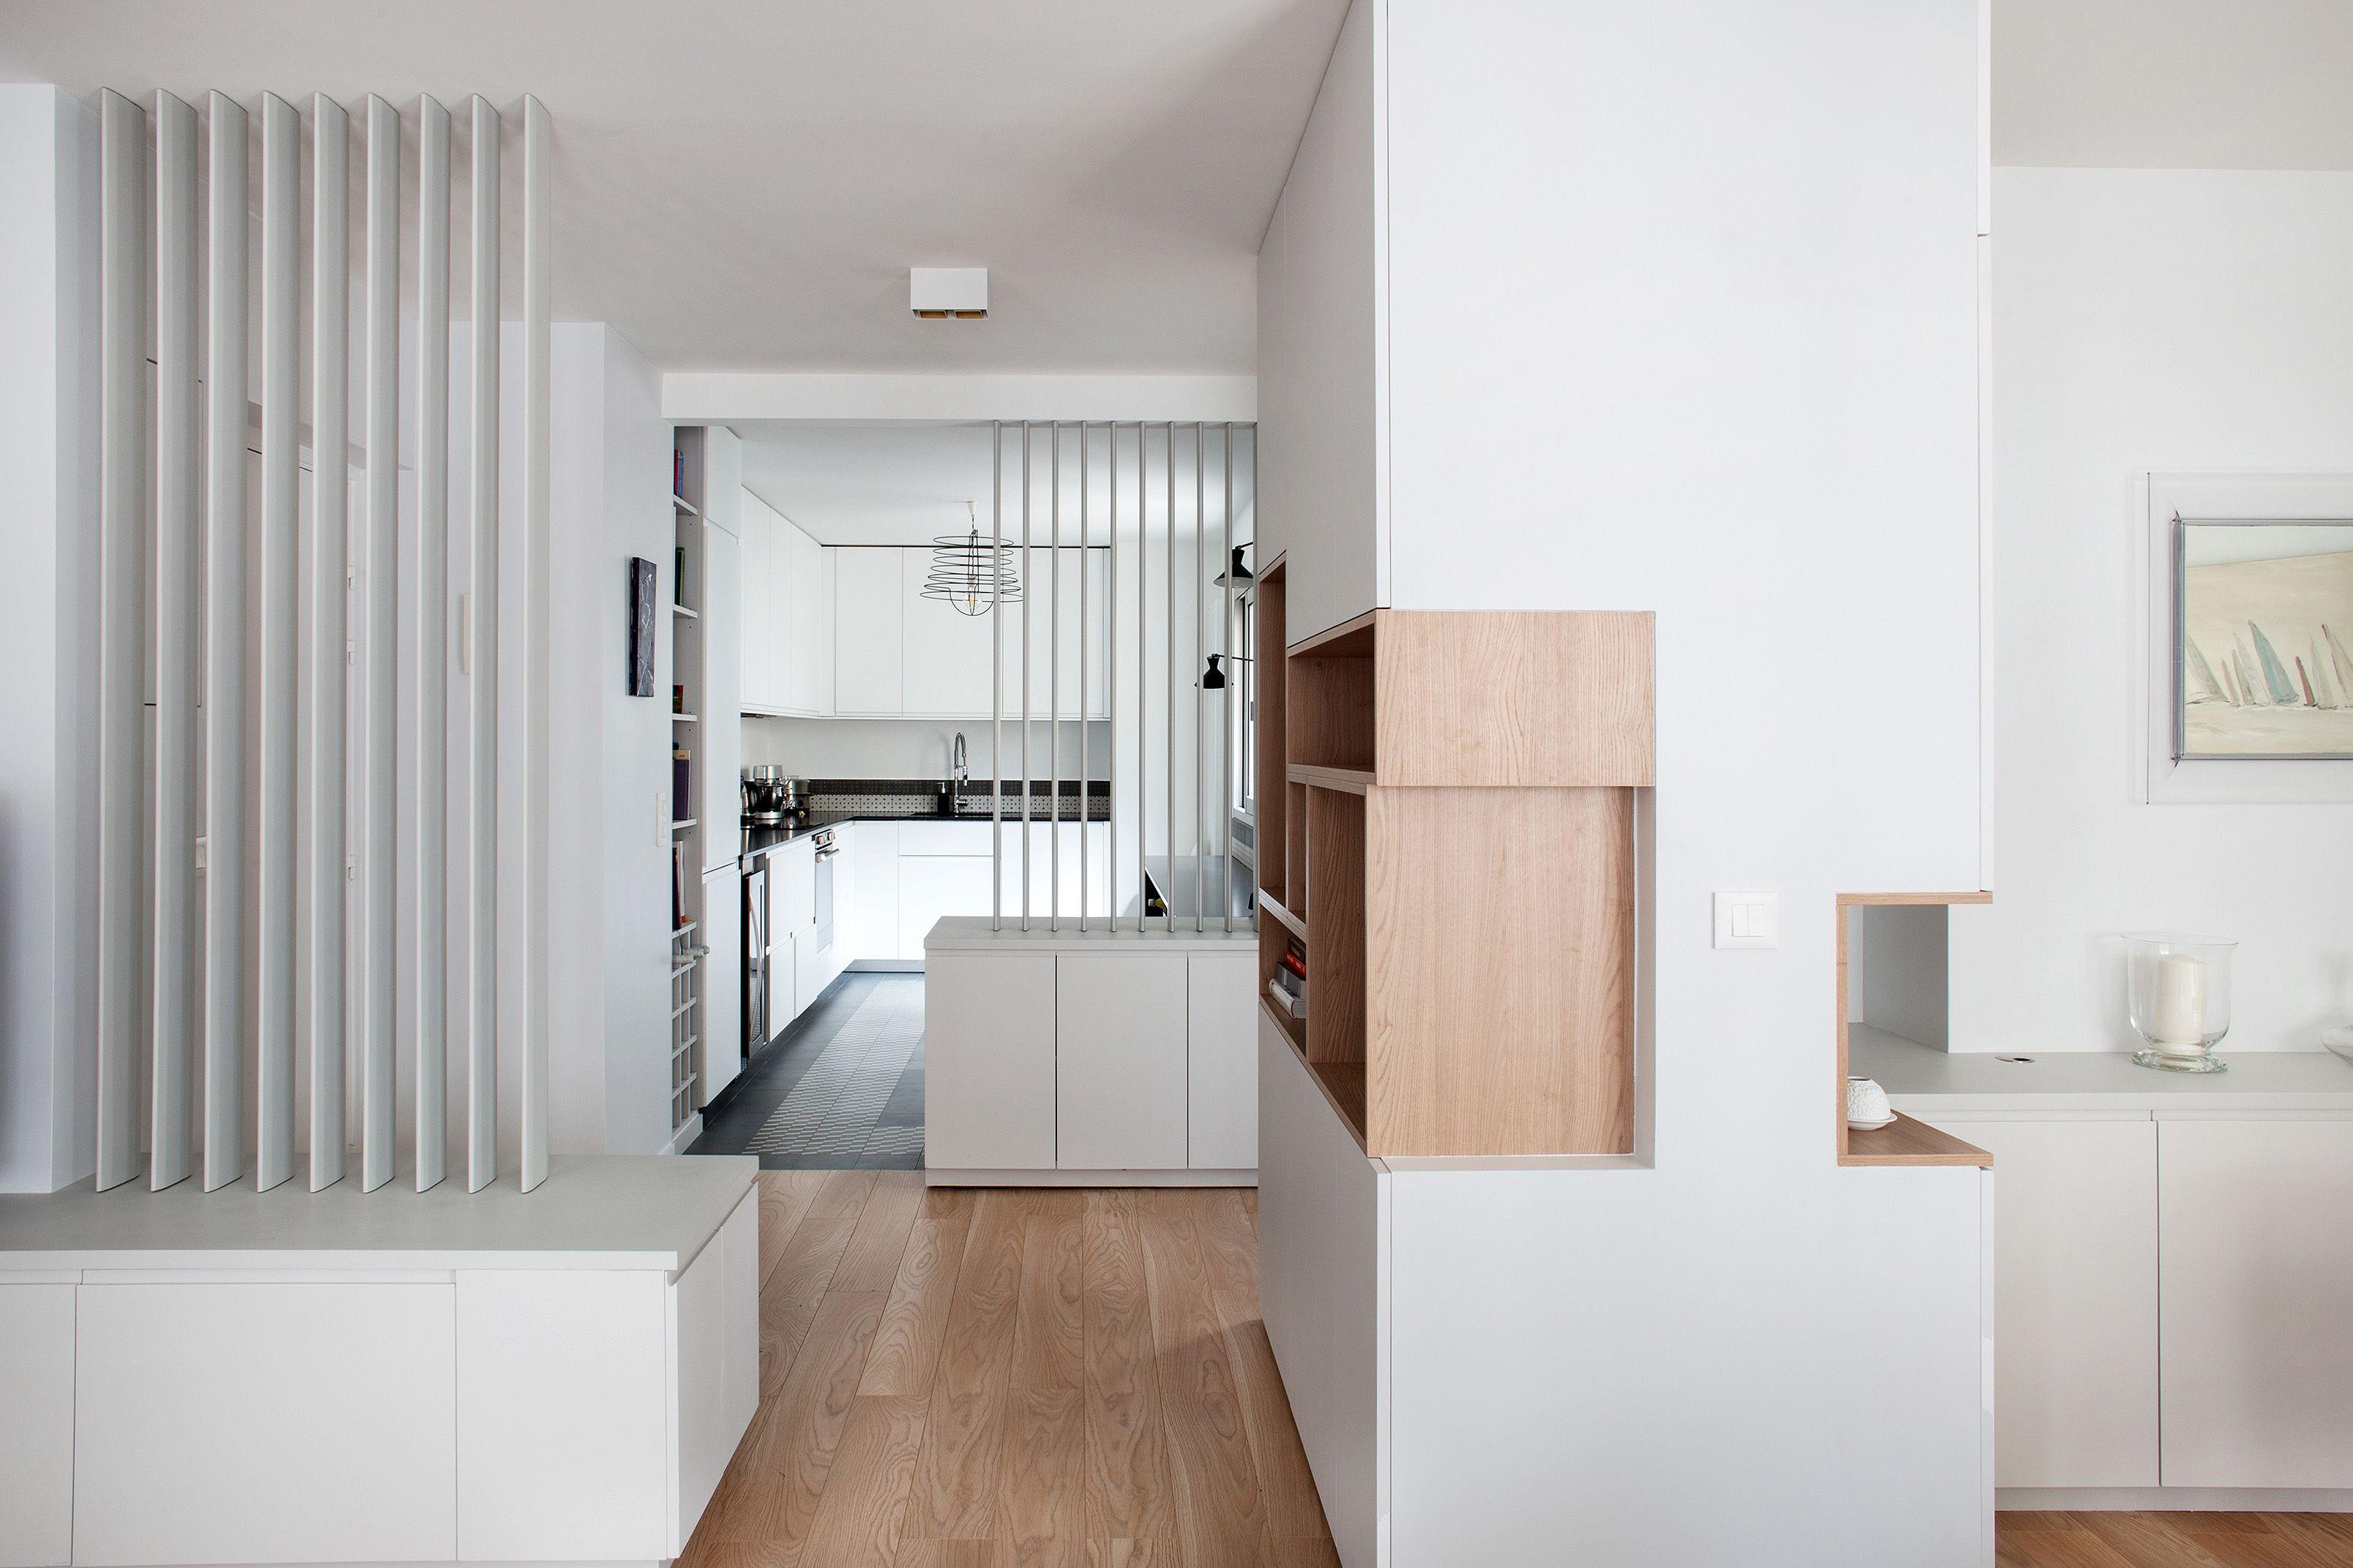 claustra s paration cloison s parative lames de bois entr e pinterest. Black Bedroom Furniture Sets. Home Design Ideas